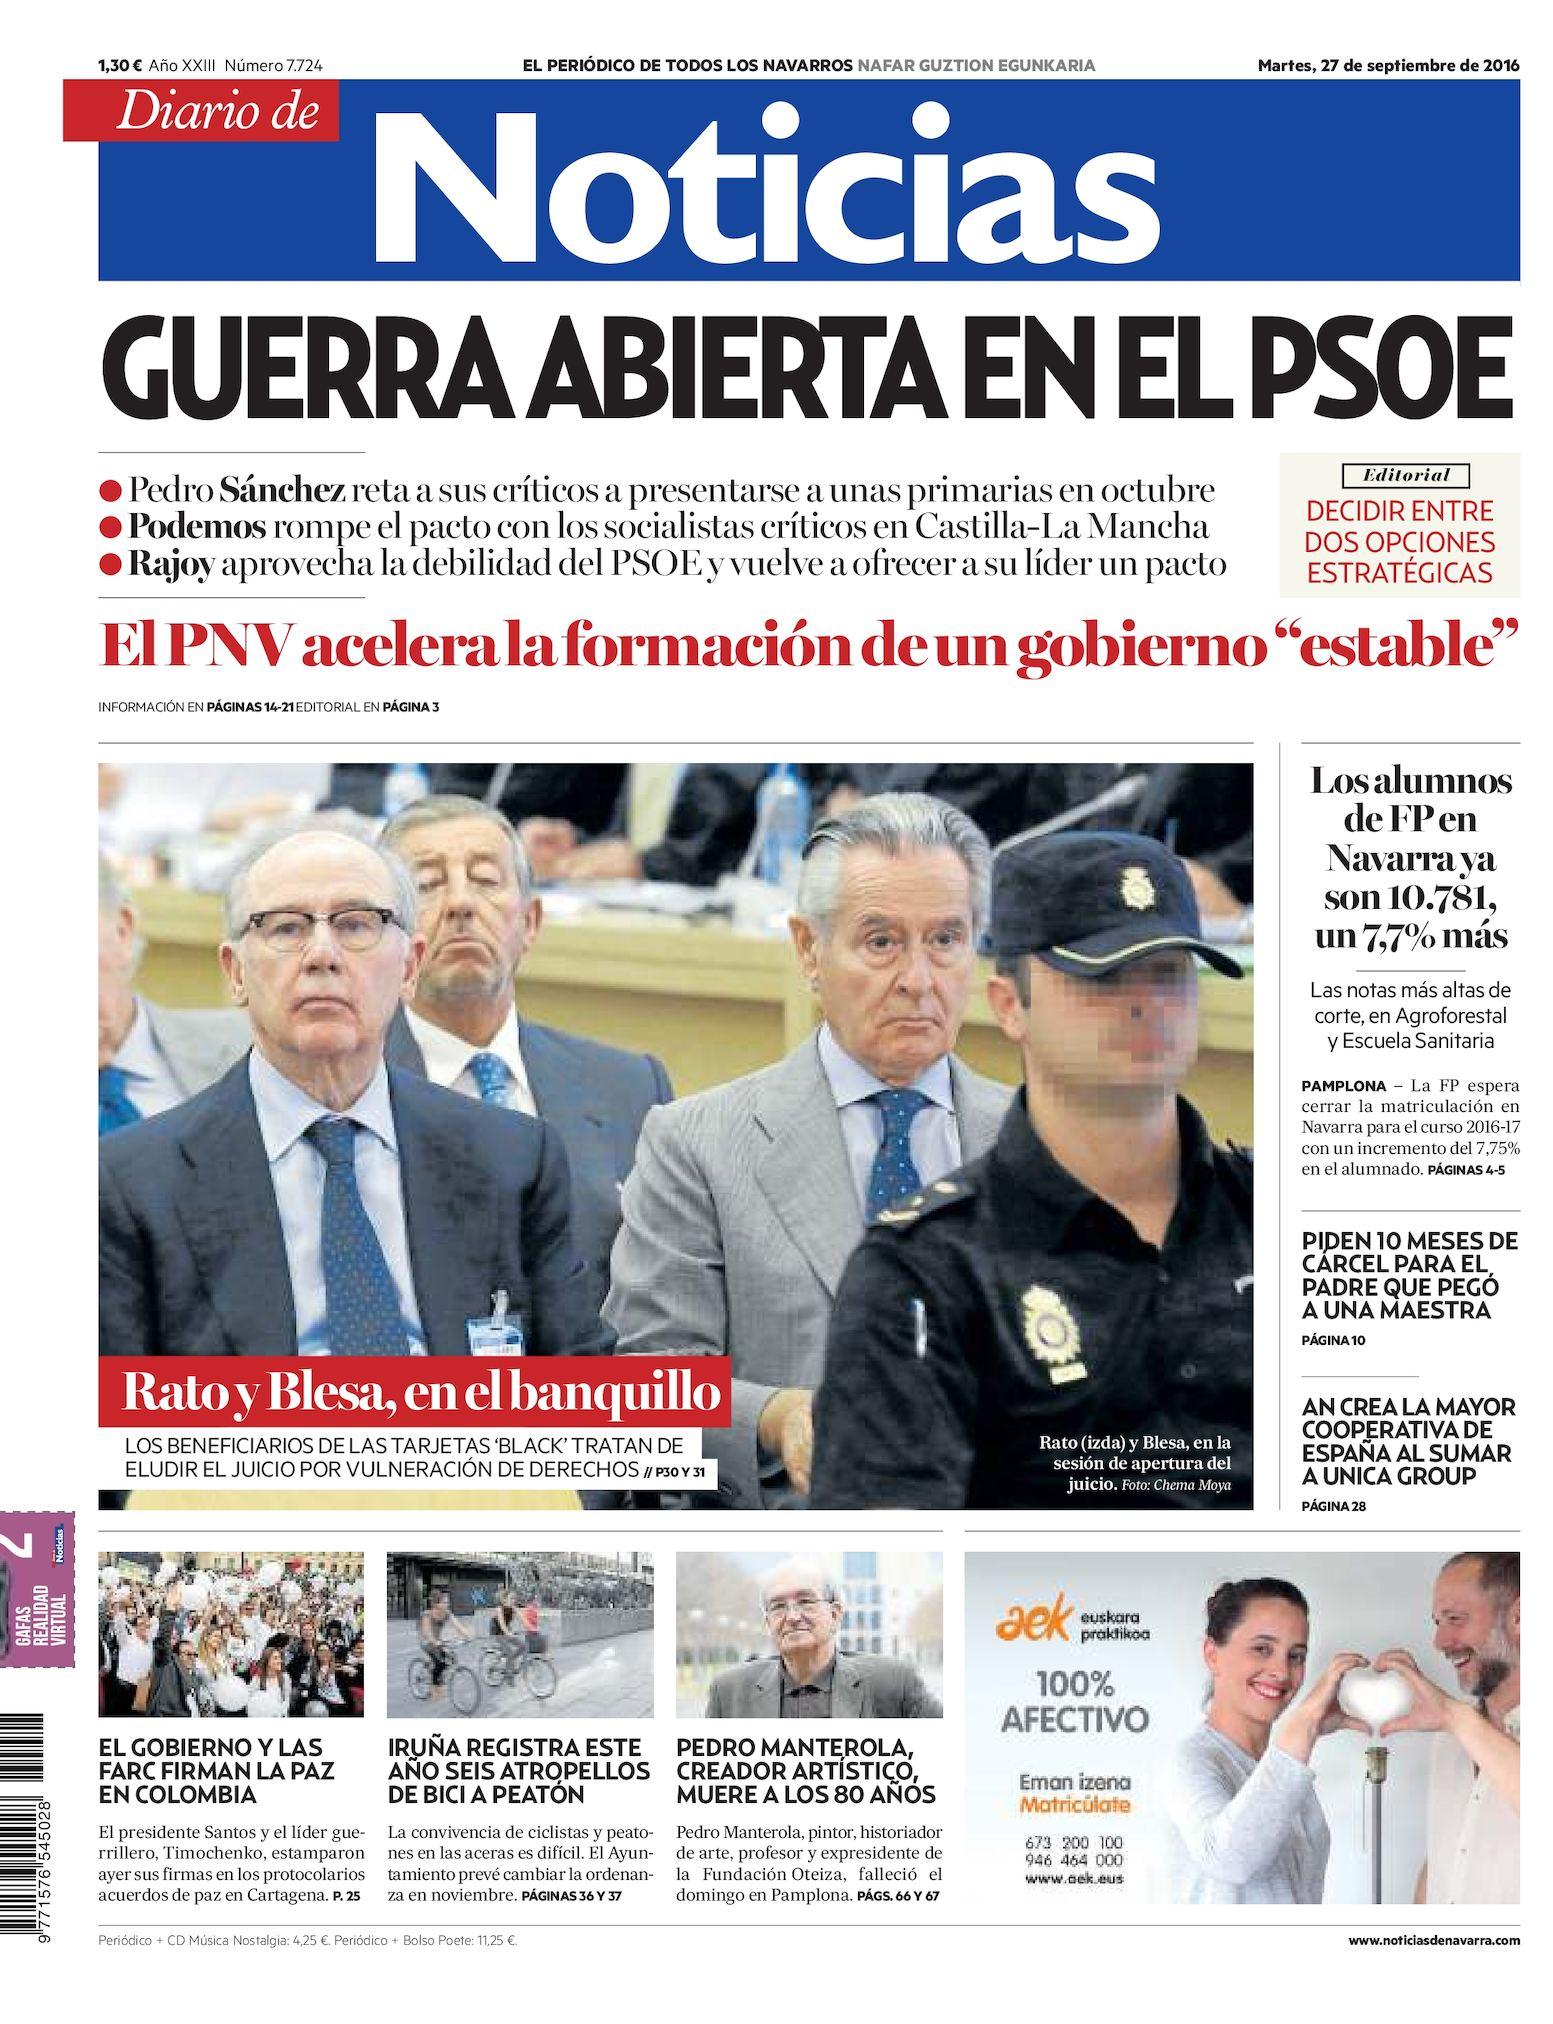 Calaméo - Diario de Noticias 20160927 401c004e422a